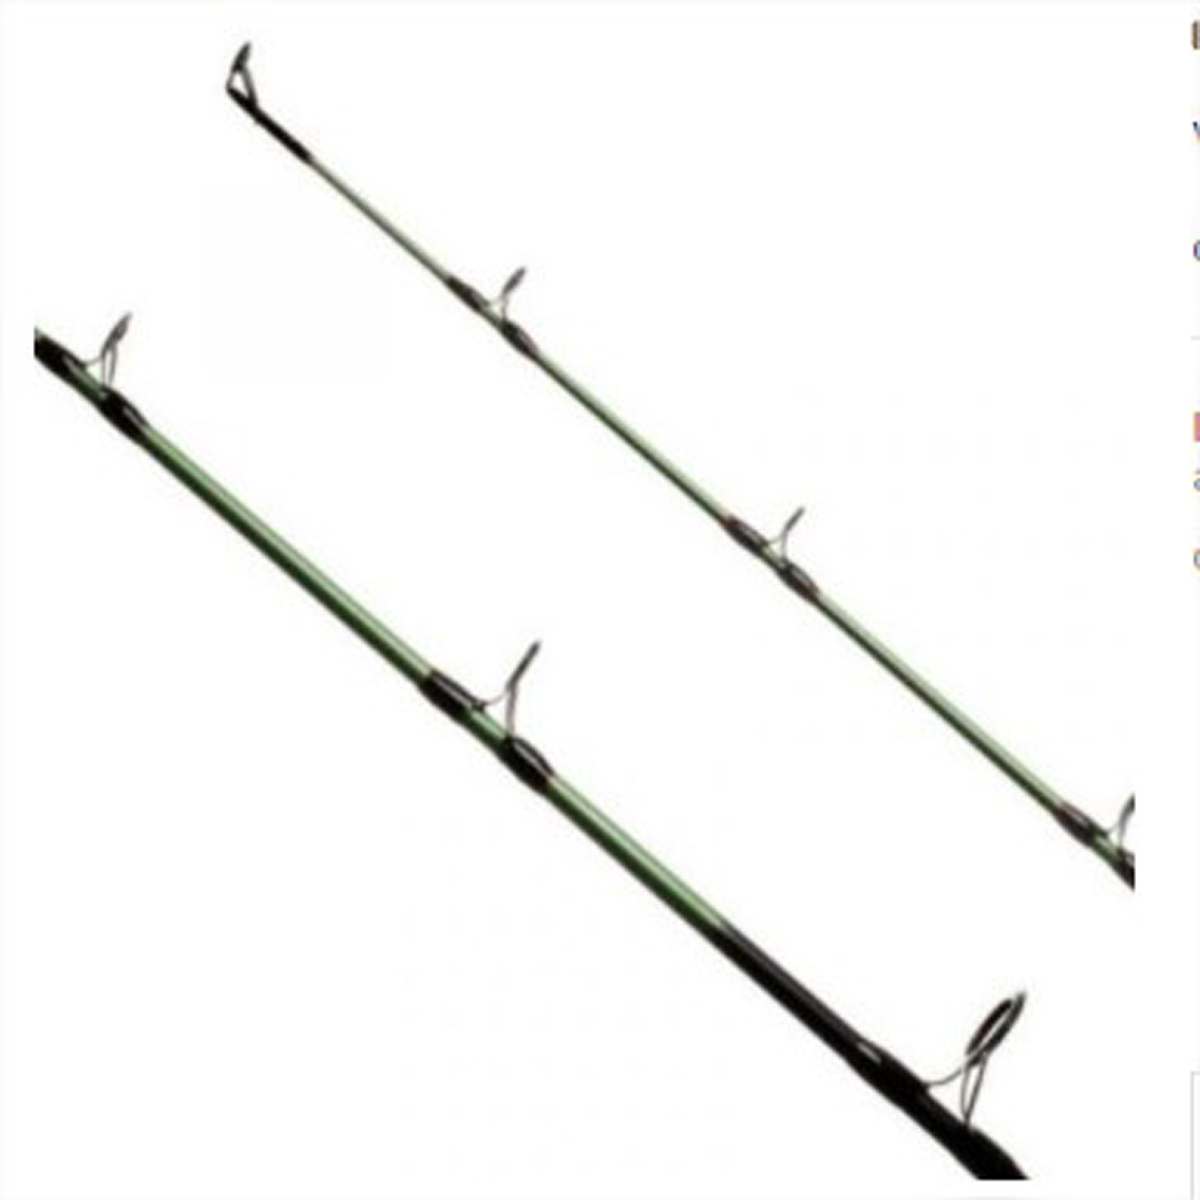 Vara Lumis Victory p/ Molinete 1,80m 60 lbs (Inteiriça)  - Pró Pesca Shop